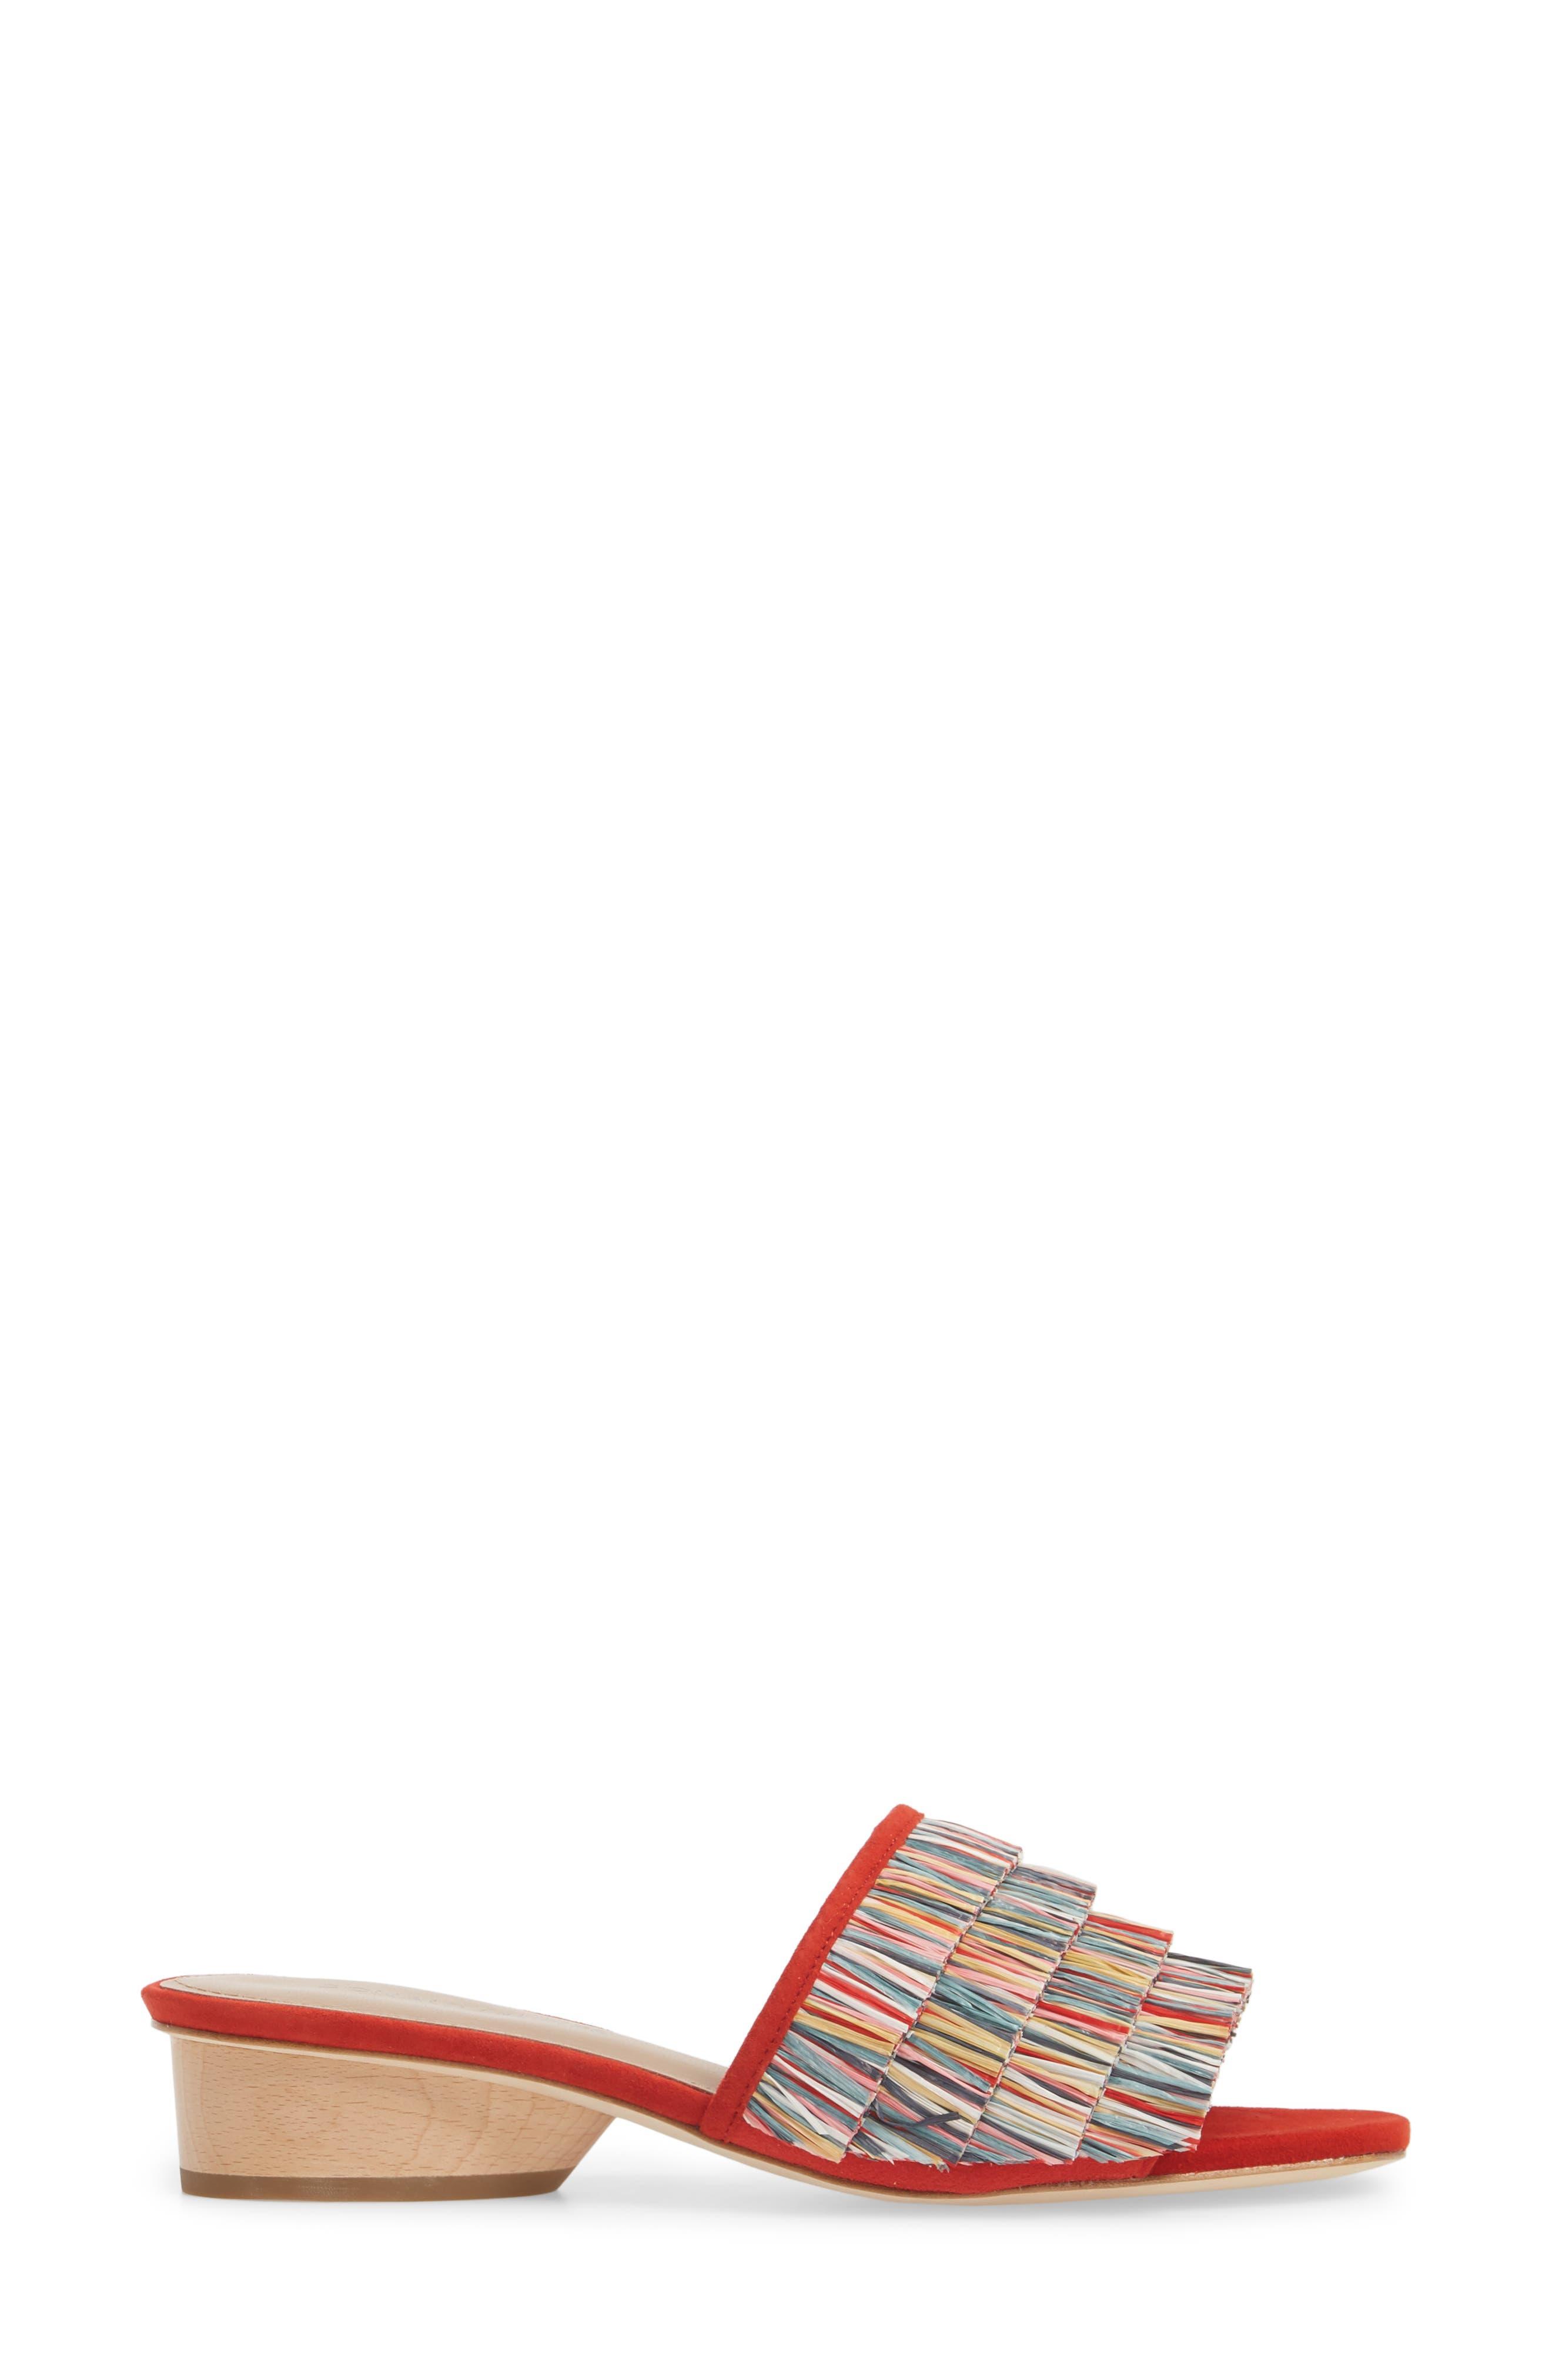 Reise Slide Sandal,                             Alternate thumbnail 5, color,